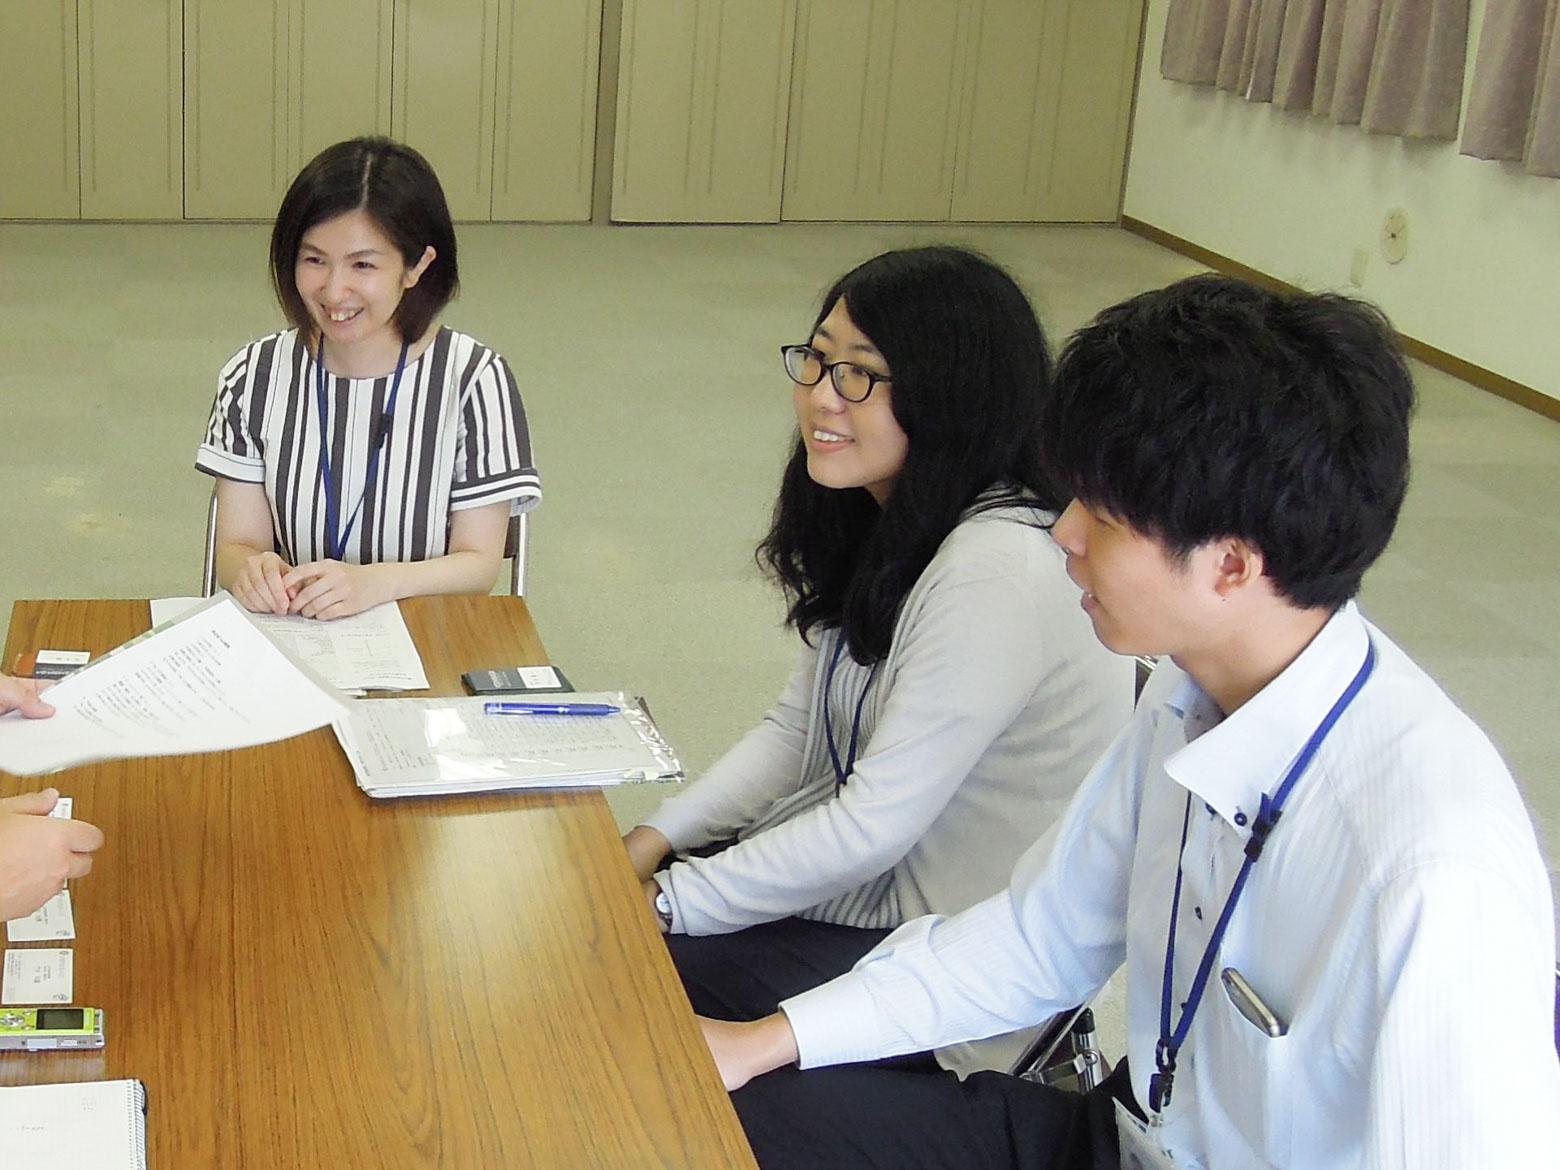 お話を伺った大阪市住まい公社のみなさん。左から、深瀬奏さん、牛尾玲華さん、成田光輝さん